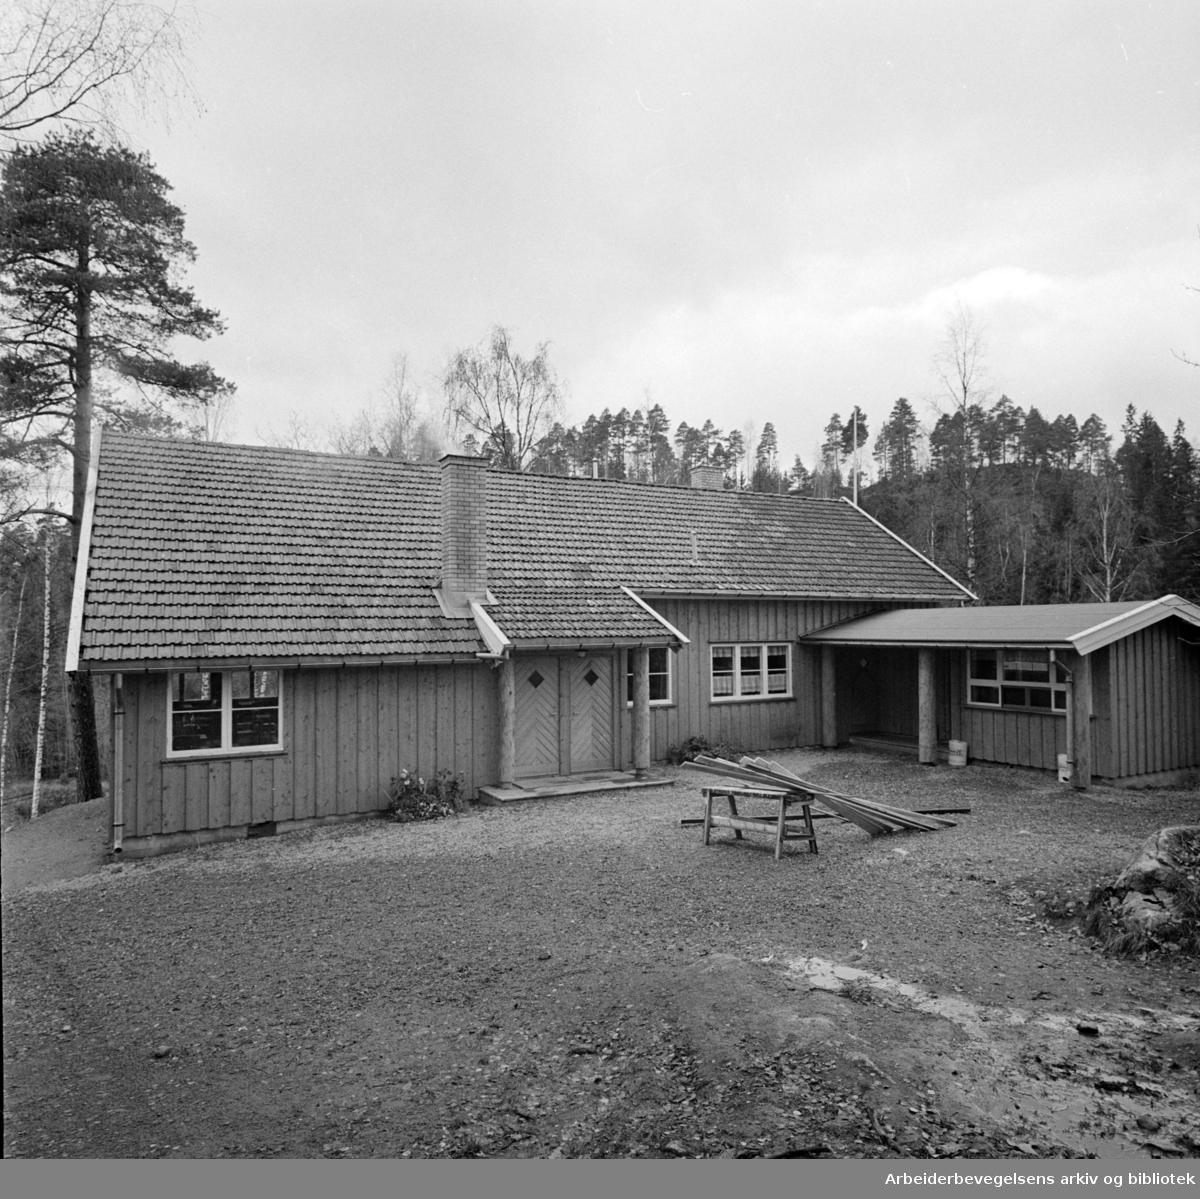 Rustadsaga. Rustadsaga serveringssted. November 1959